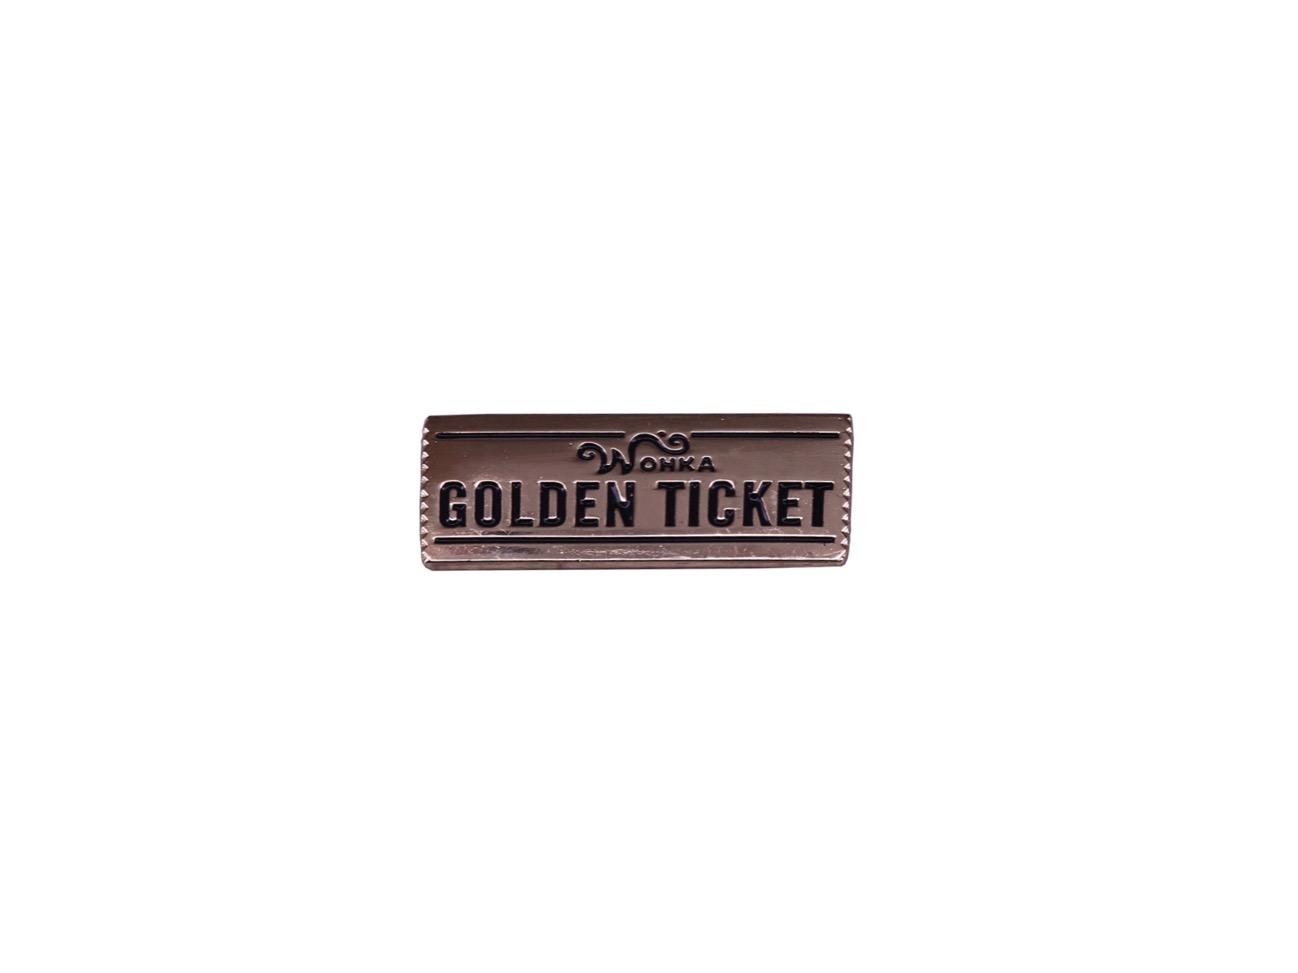 pin's wonka golden ticket